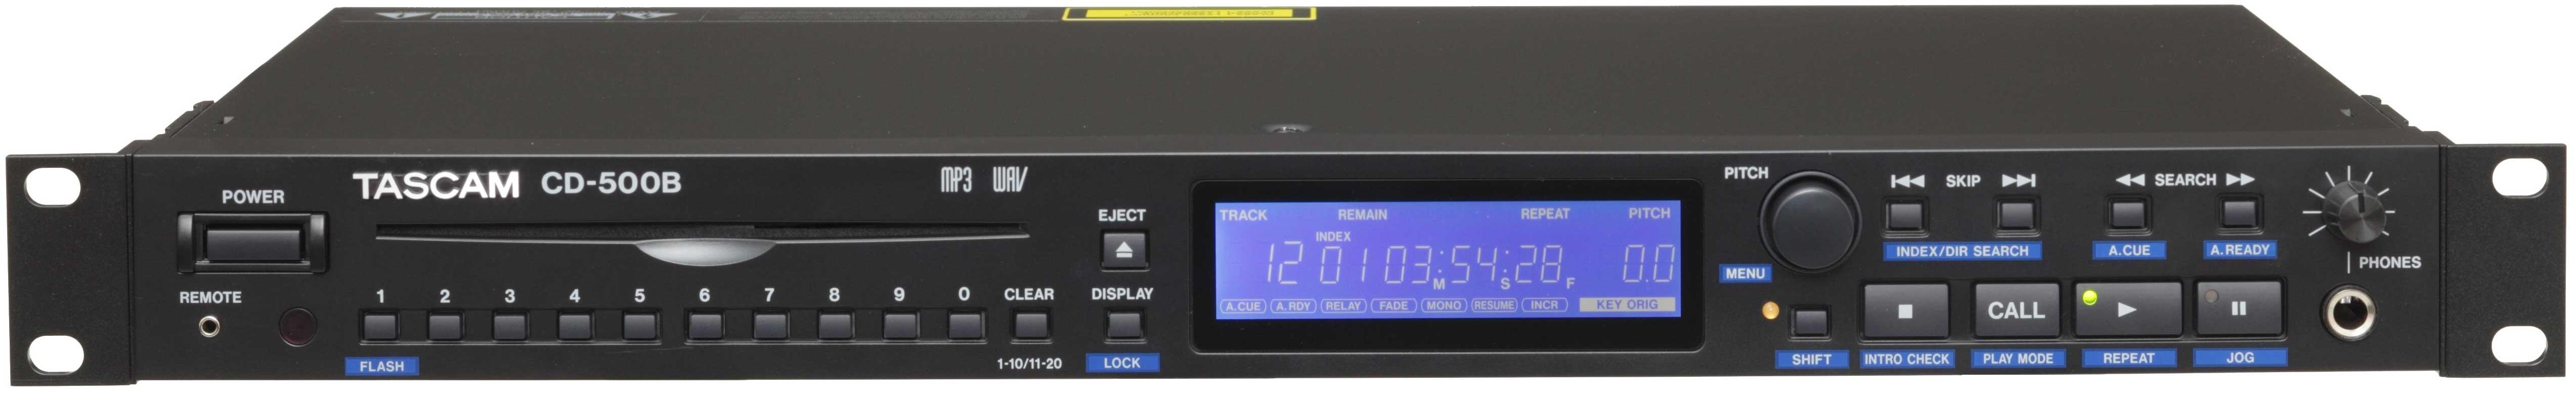 CD Player, Balanced Analog/Digital outputs